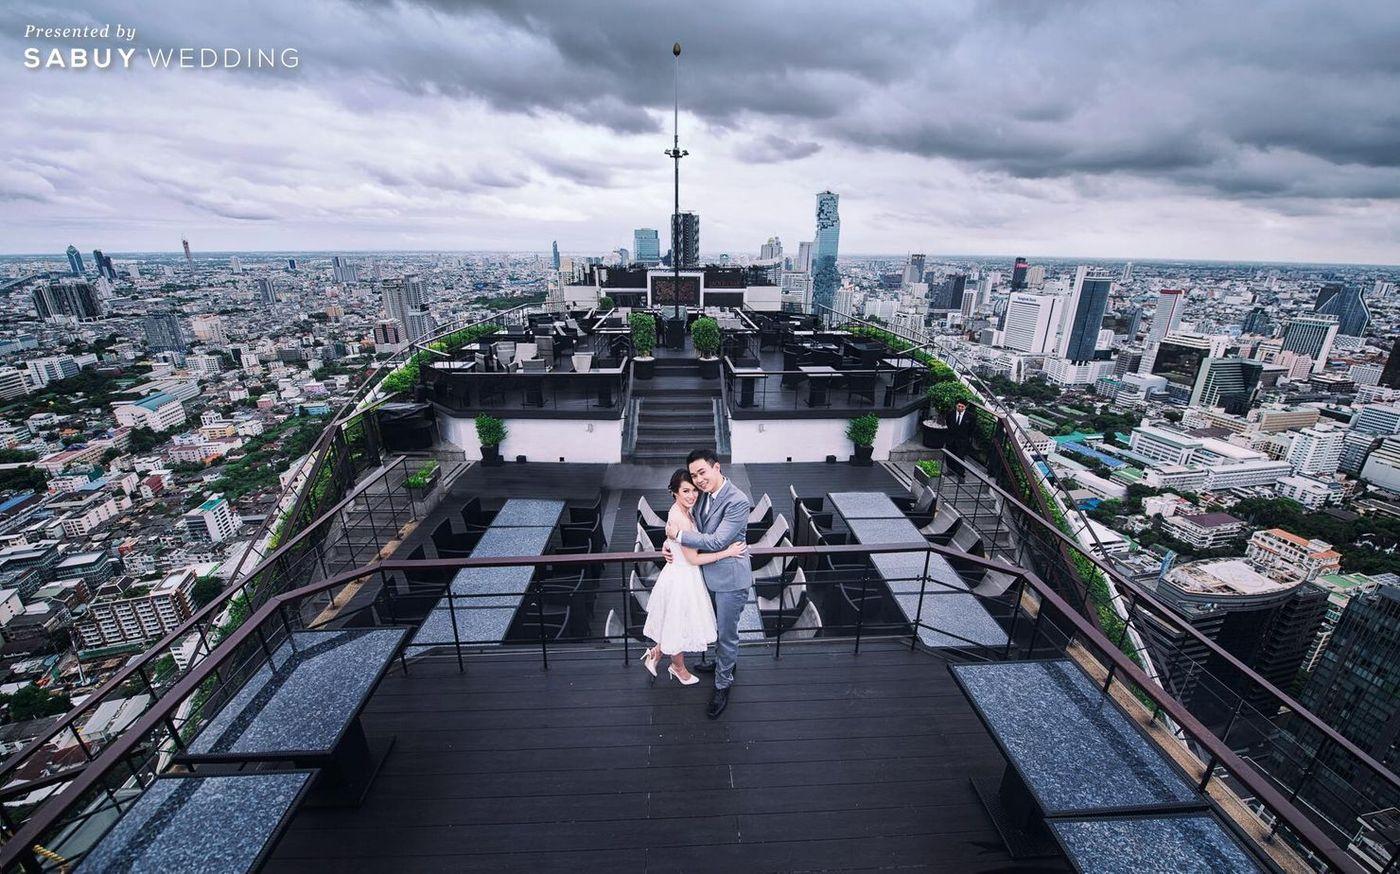 5 สถานที่แต่งงานสุดฟิน อินบรรยากาศ Rooftop